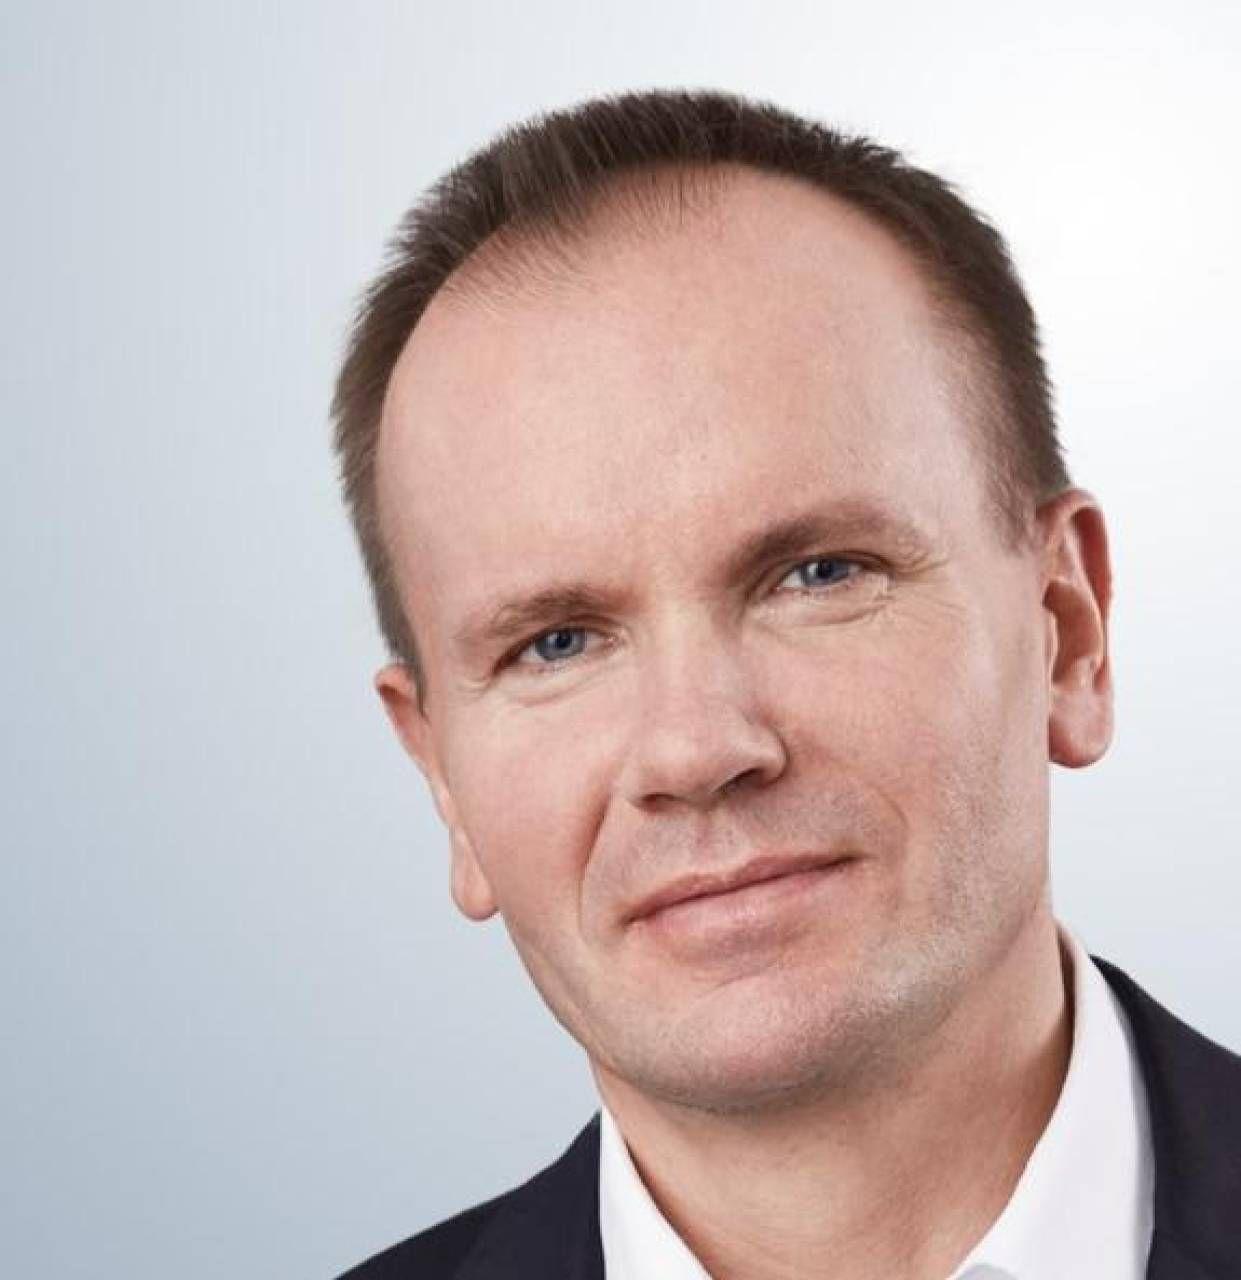 Il ceo di Wirecard, Markus Braun, 51 anni, ha dovuto lasciare l'incarico dopo il crollo del titolo